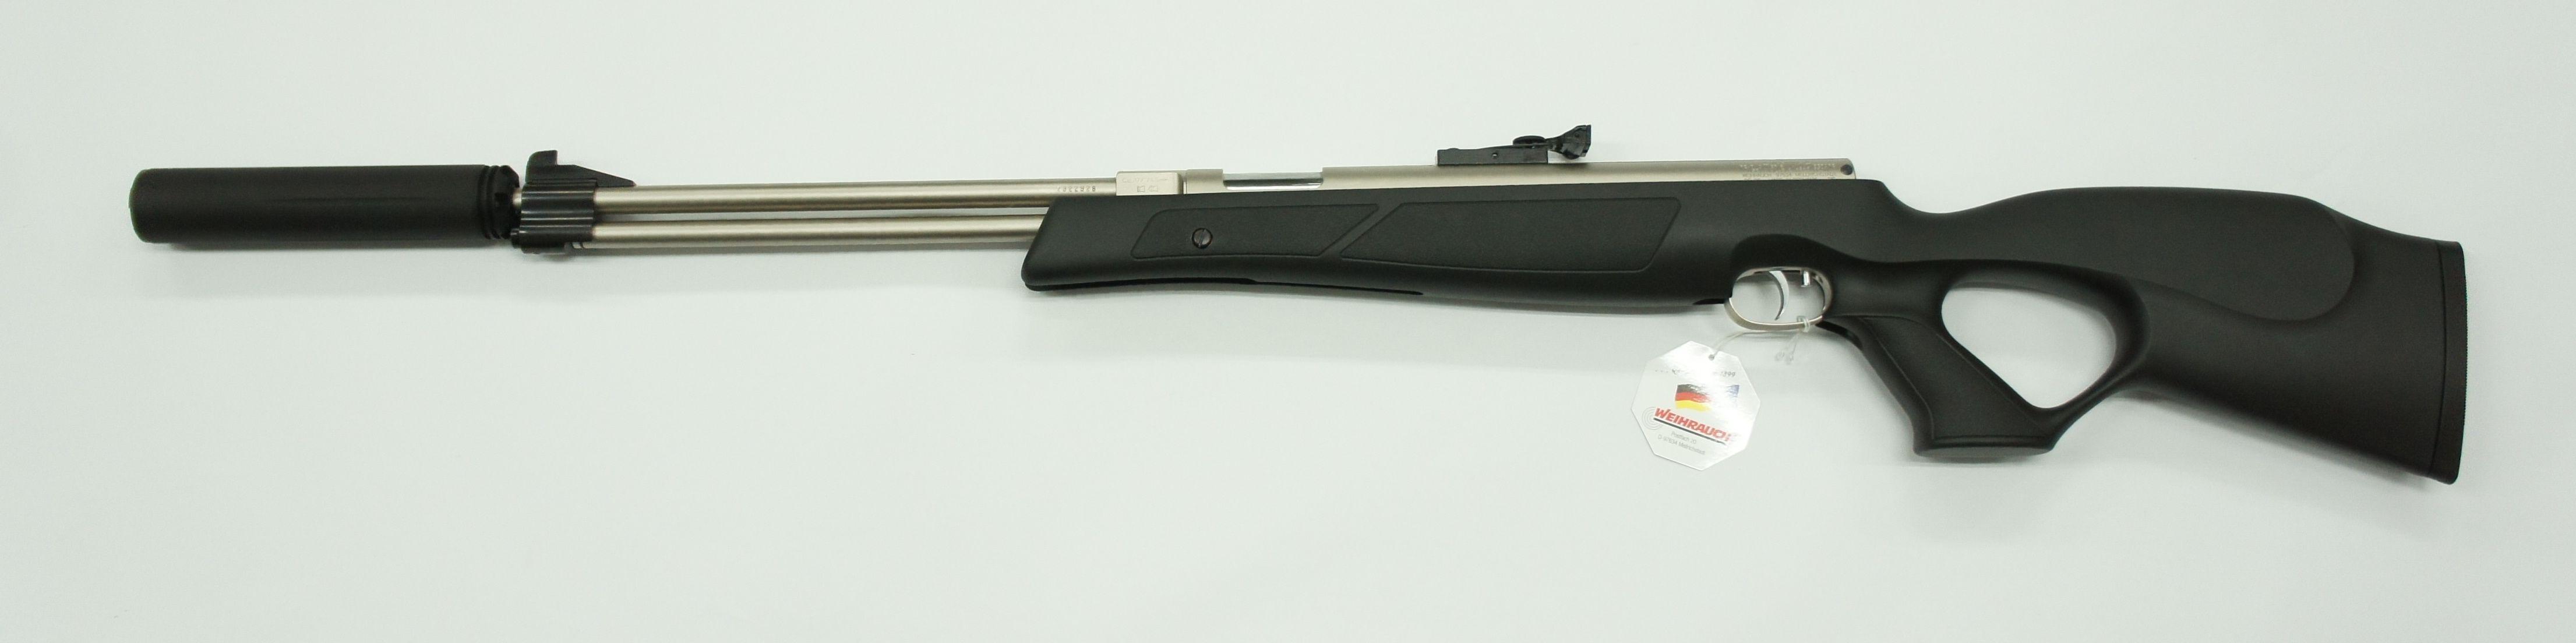 Der Schalldämpfer Modell Moderator XL sieht an anderen Luftgewehren auch sehr gut aus und wirkt bestens